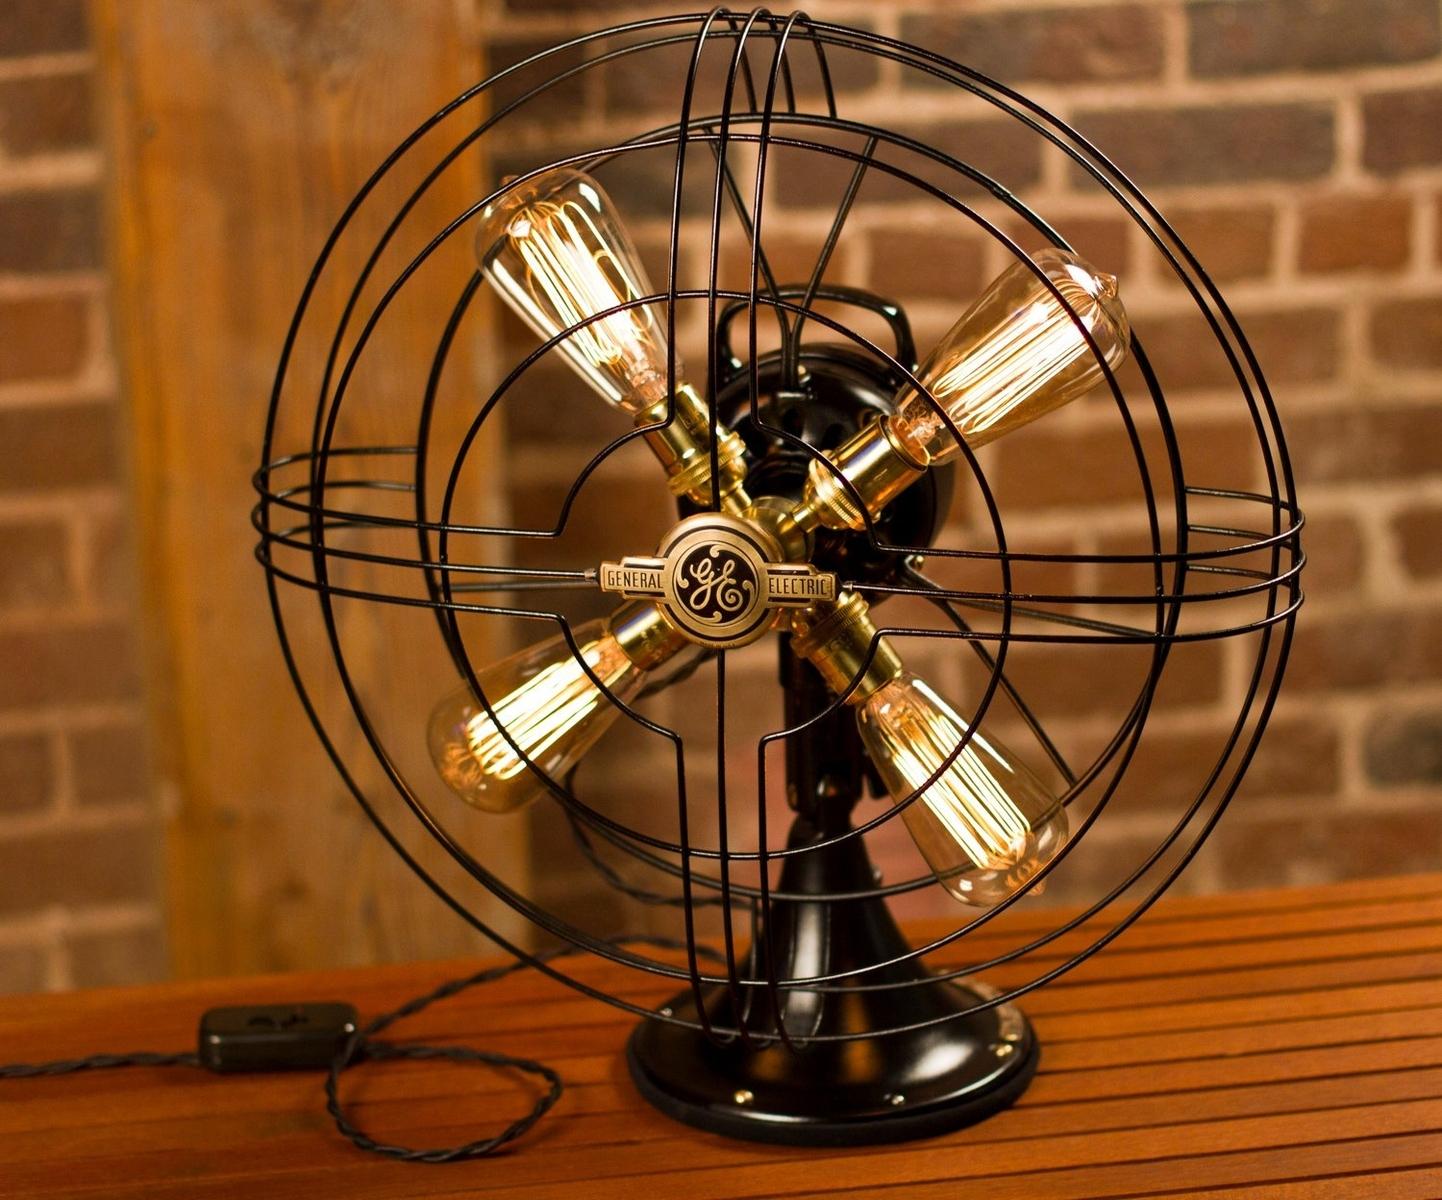 Vintage Fan Lamp | BespokeBug